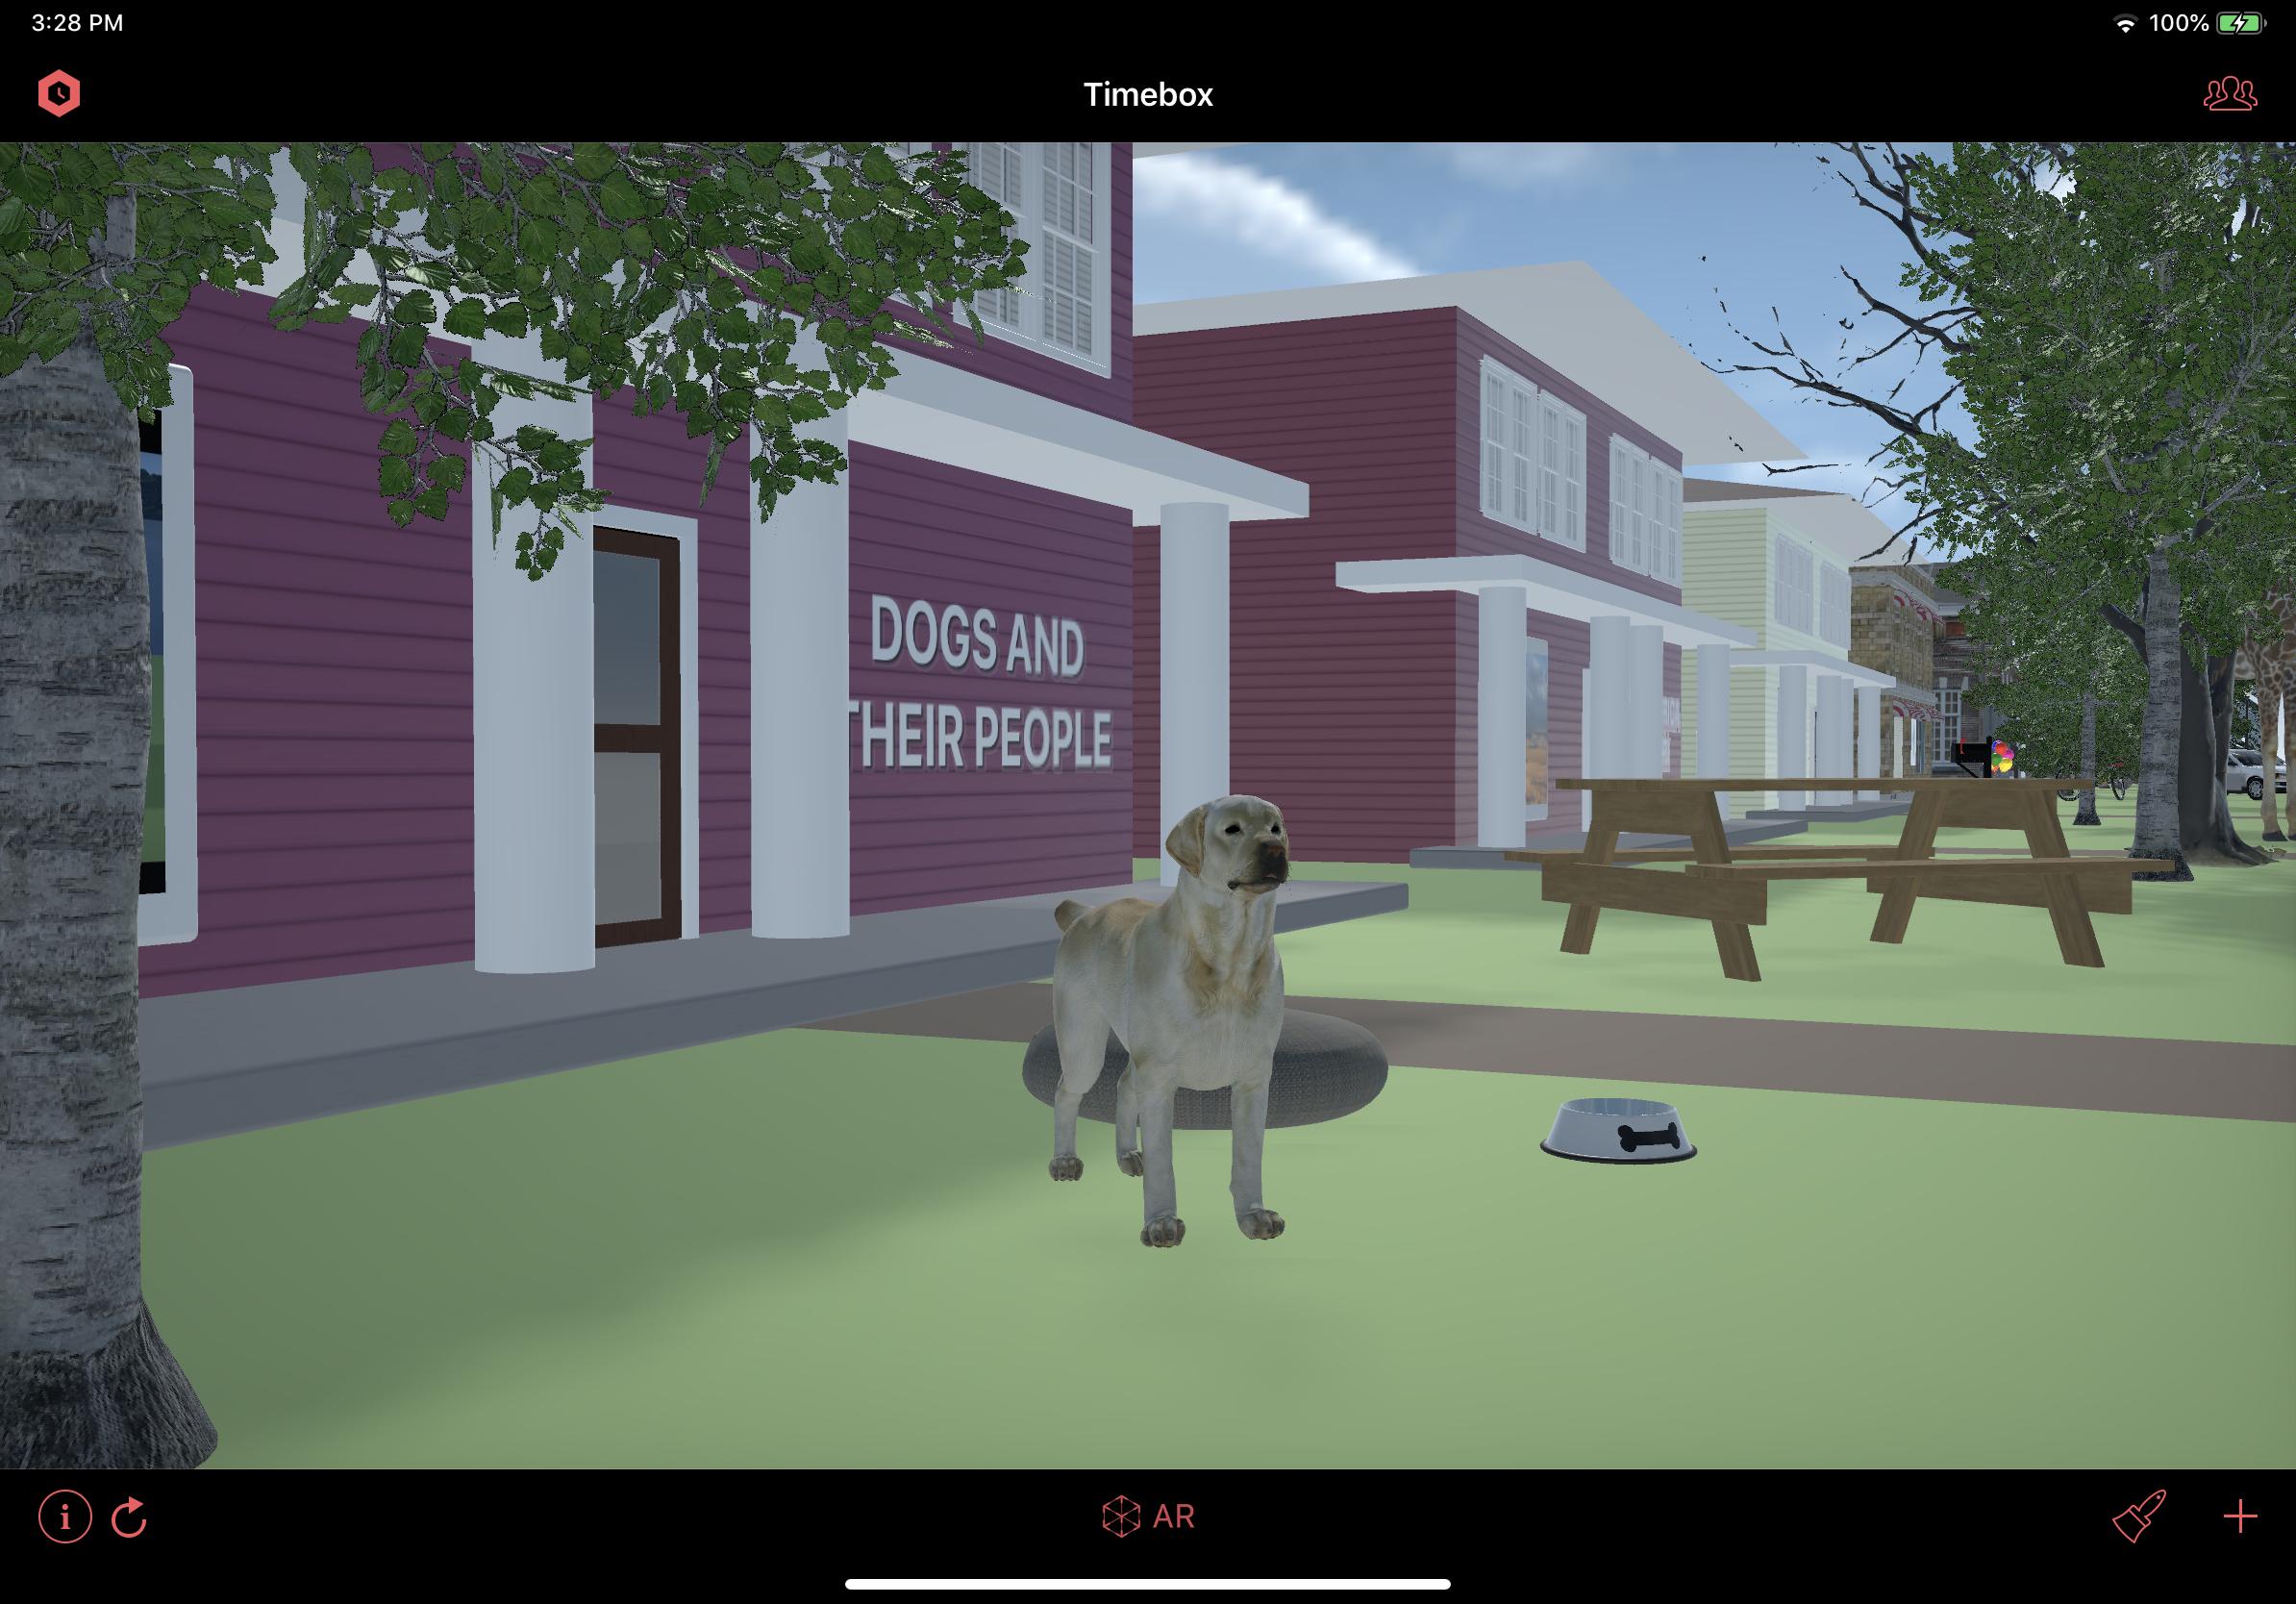 New Labrador Retriever 3D model.